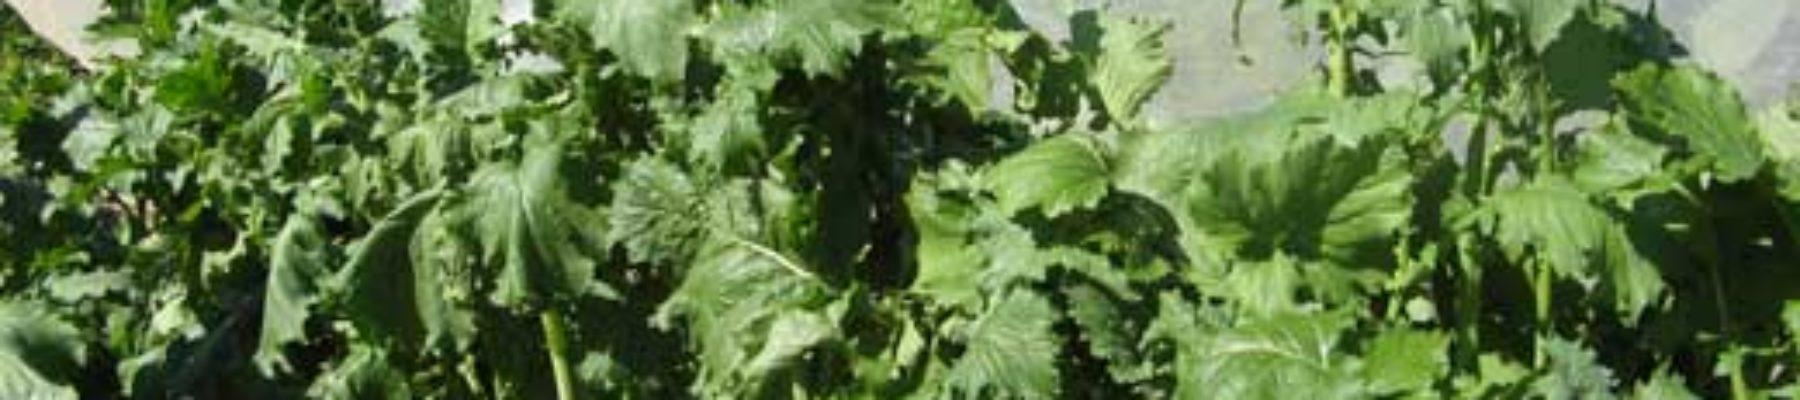 Cima di rapa · Encyclopédie du jardin · Association Les cueillettes de Landecy